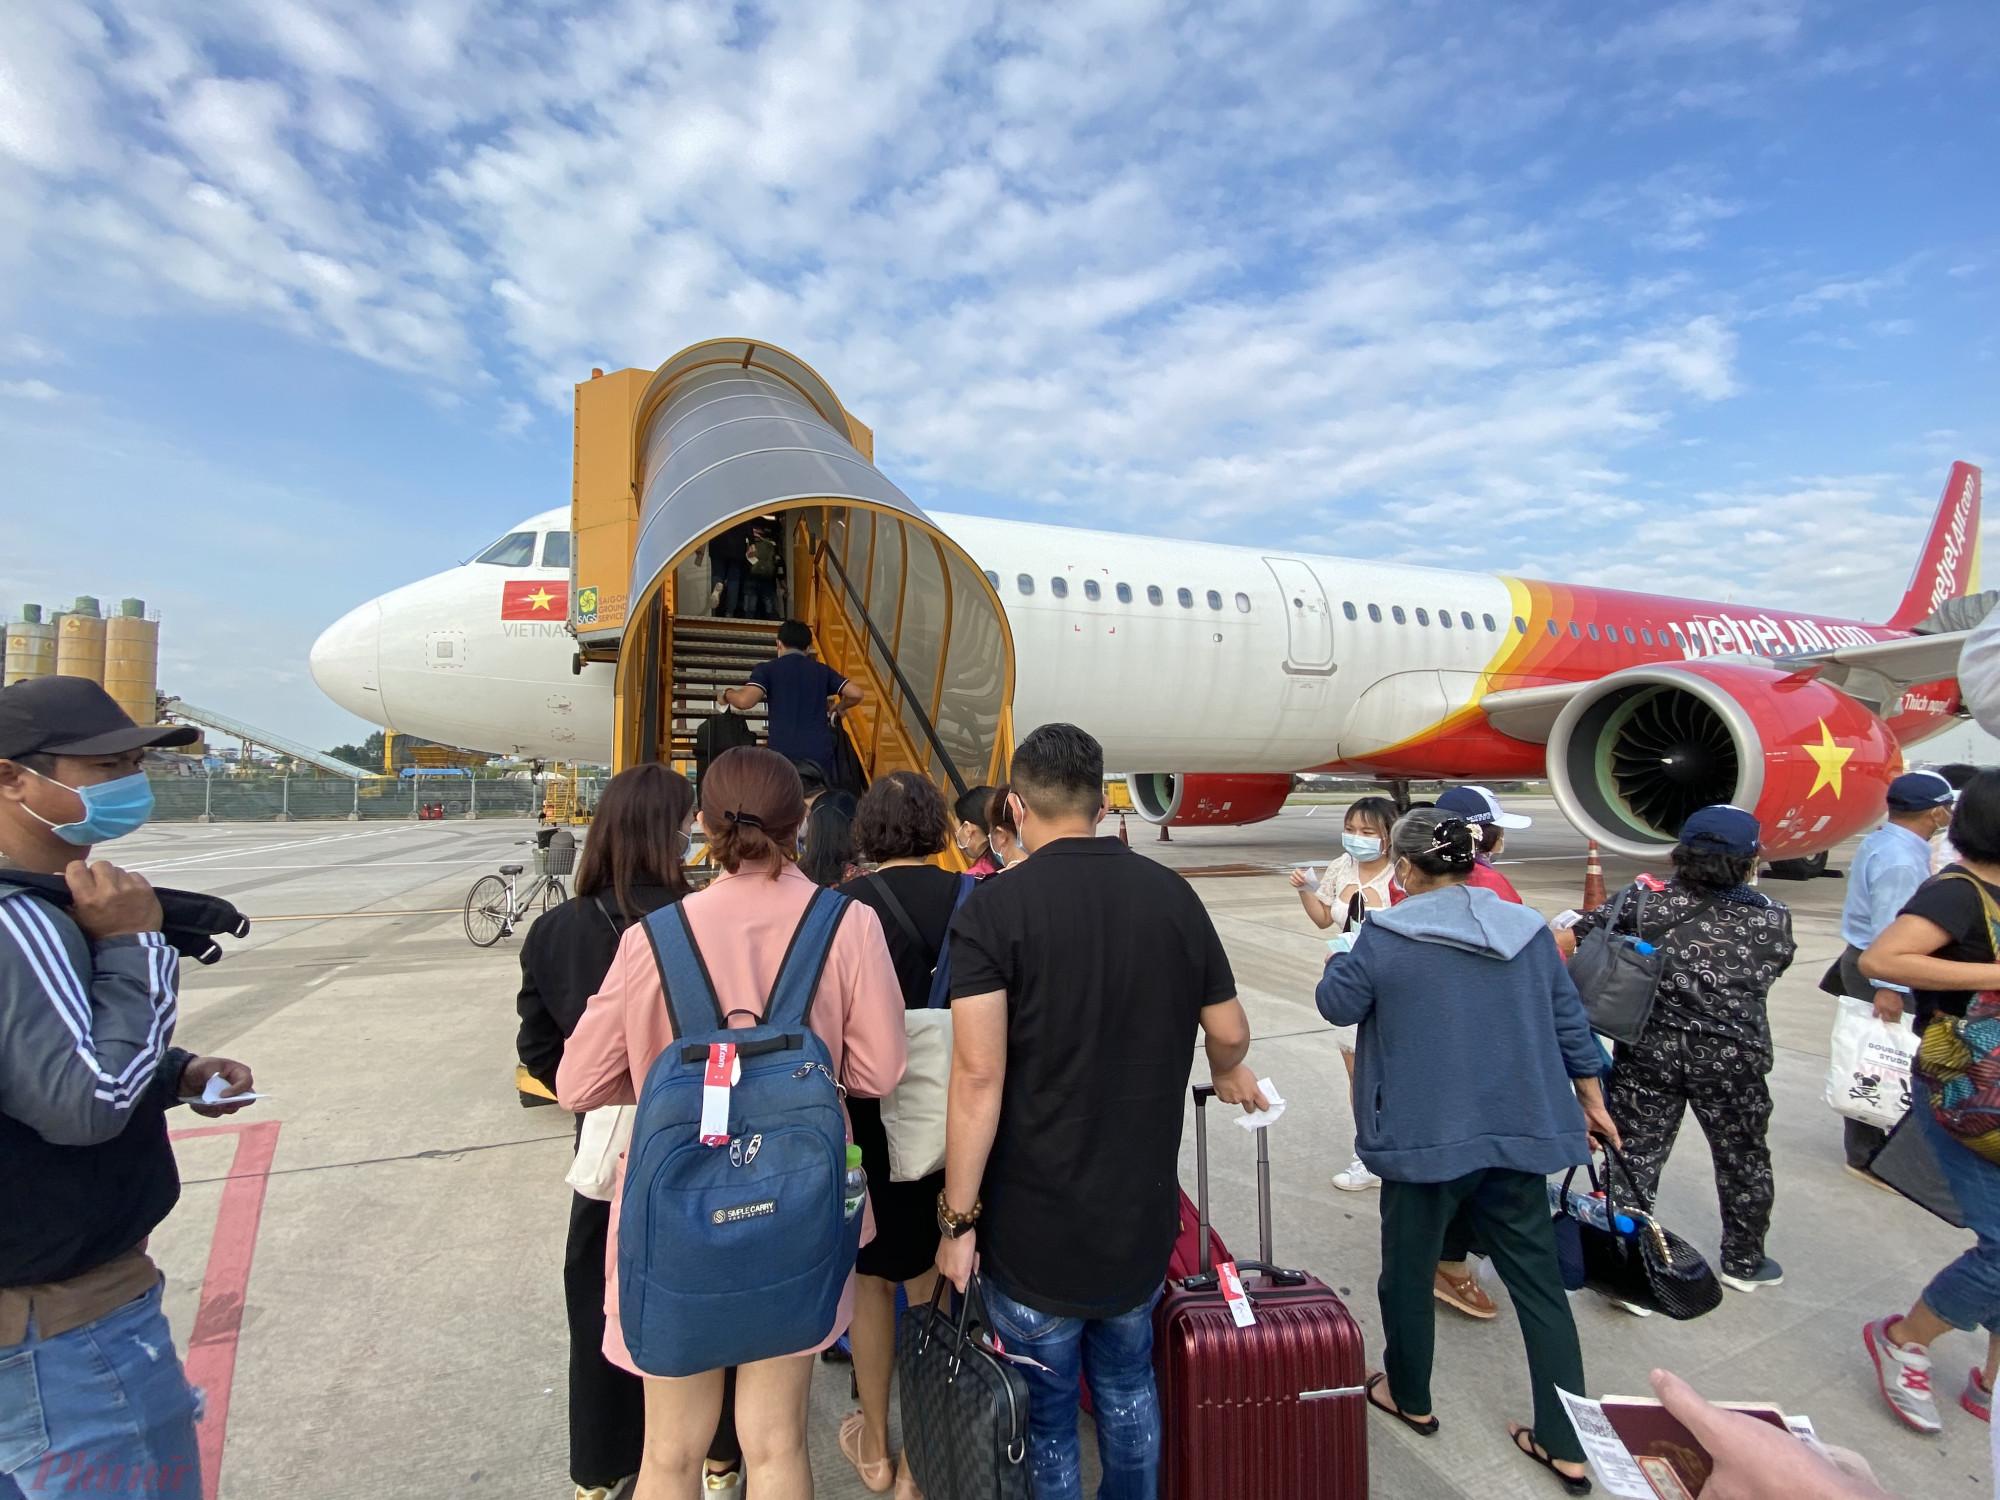 Khai thác hạn chế các chuyến bay từ TPHCM đến Hà Nội và kiểm soát chặt người về từ 19 tỉnh, thành phía Nam. Ảnh: Quốc Thái